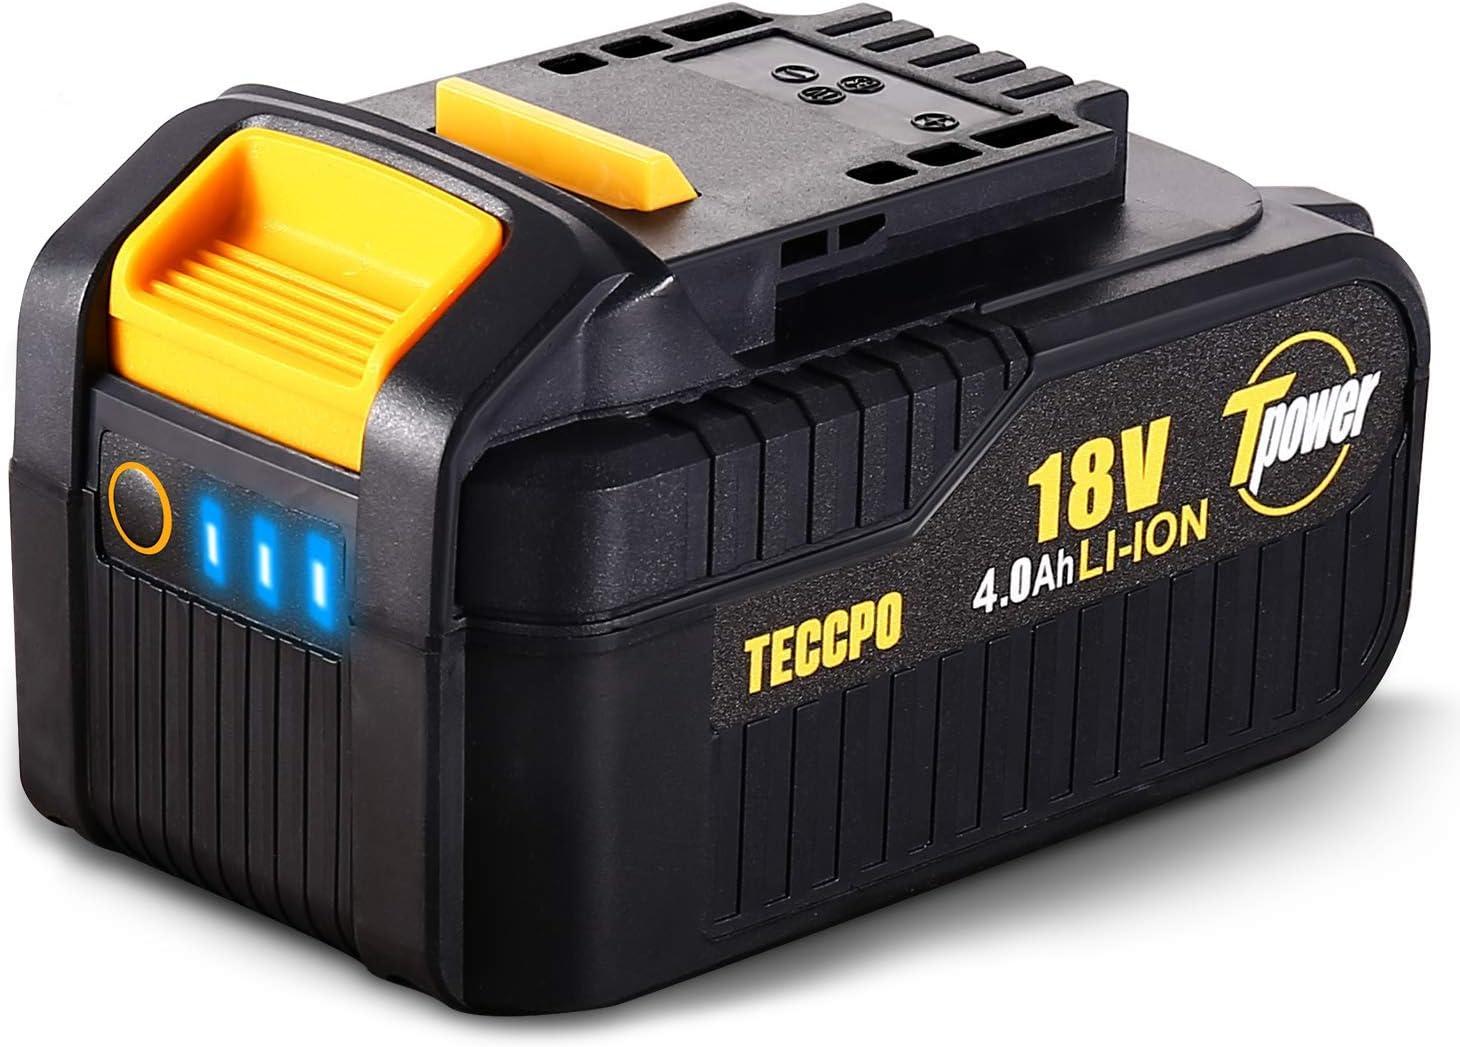 TDBP04P TECCPO Professional 18V 4.0Ah Batteria Ricaricabile al Litio Batteria di Ricambio per Tutti TECCPO/&POPOMAN Strumenti da 18V senza Fili